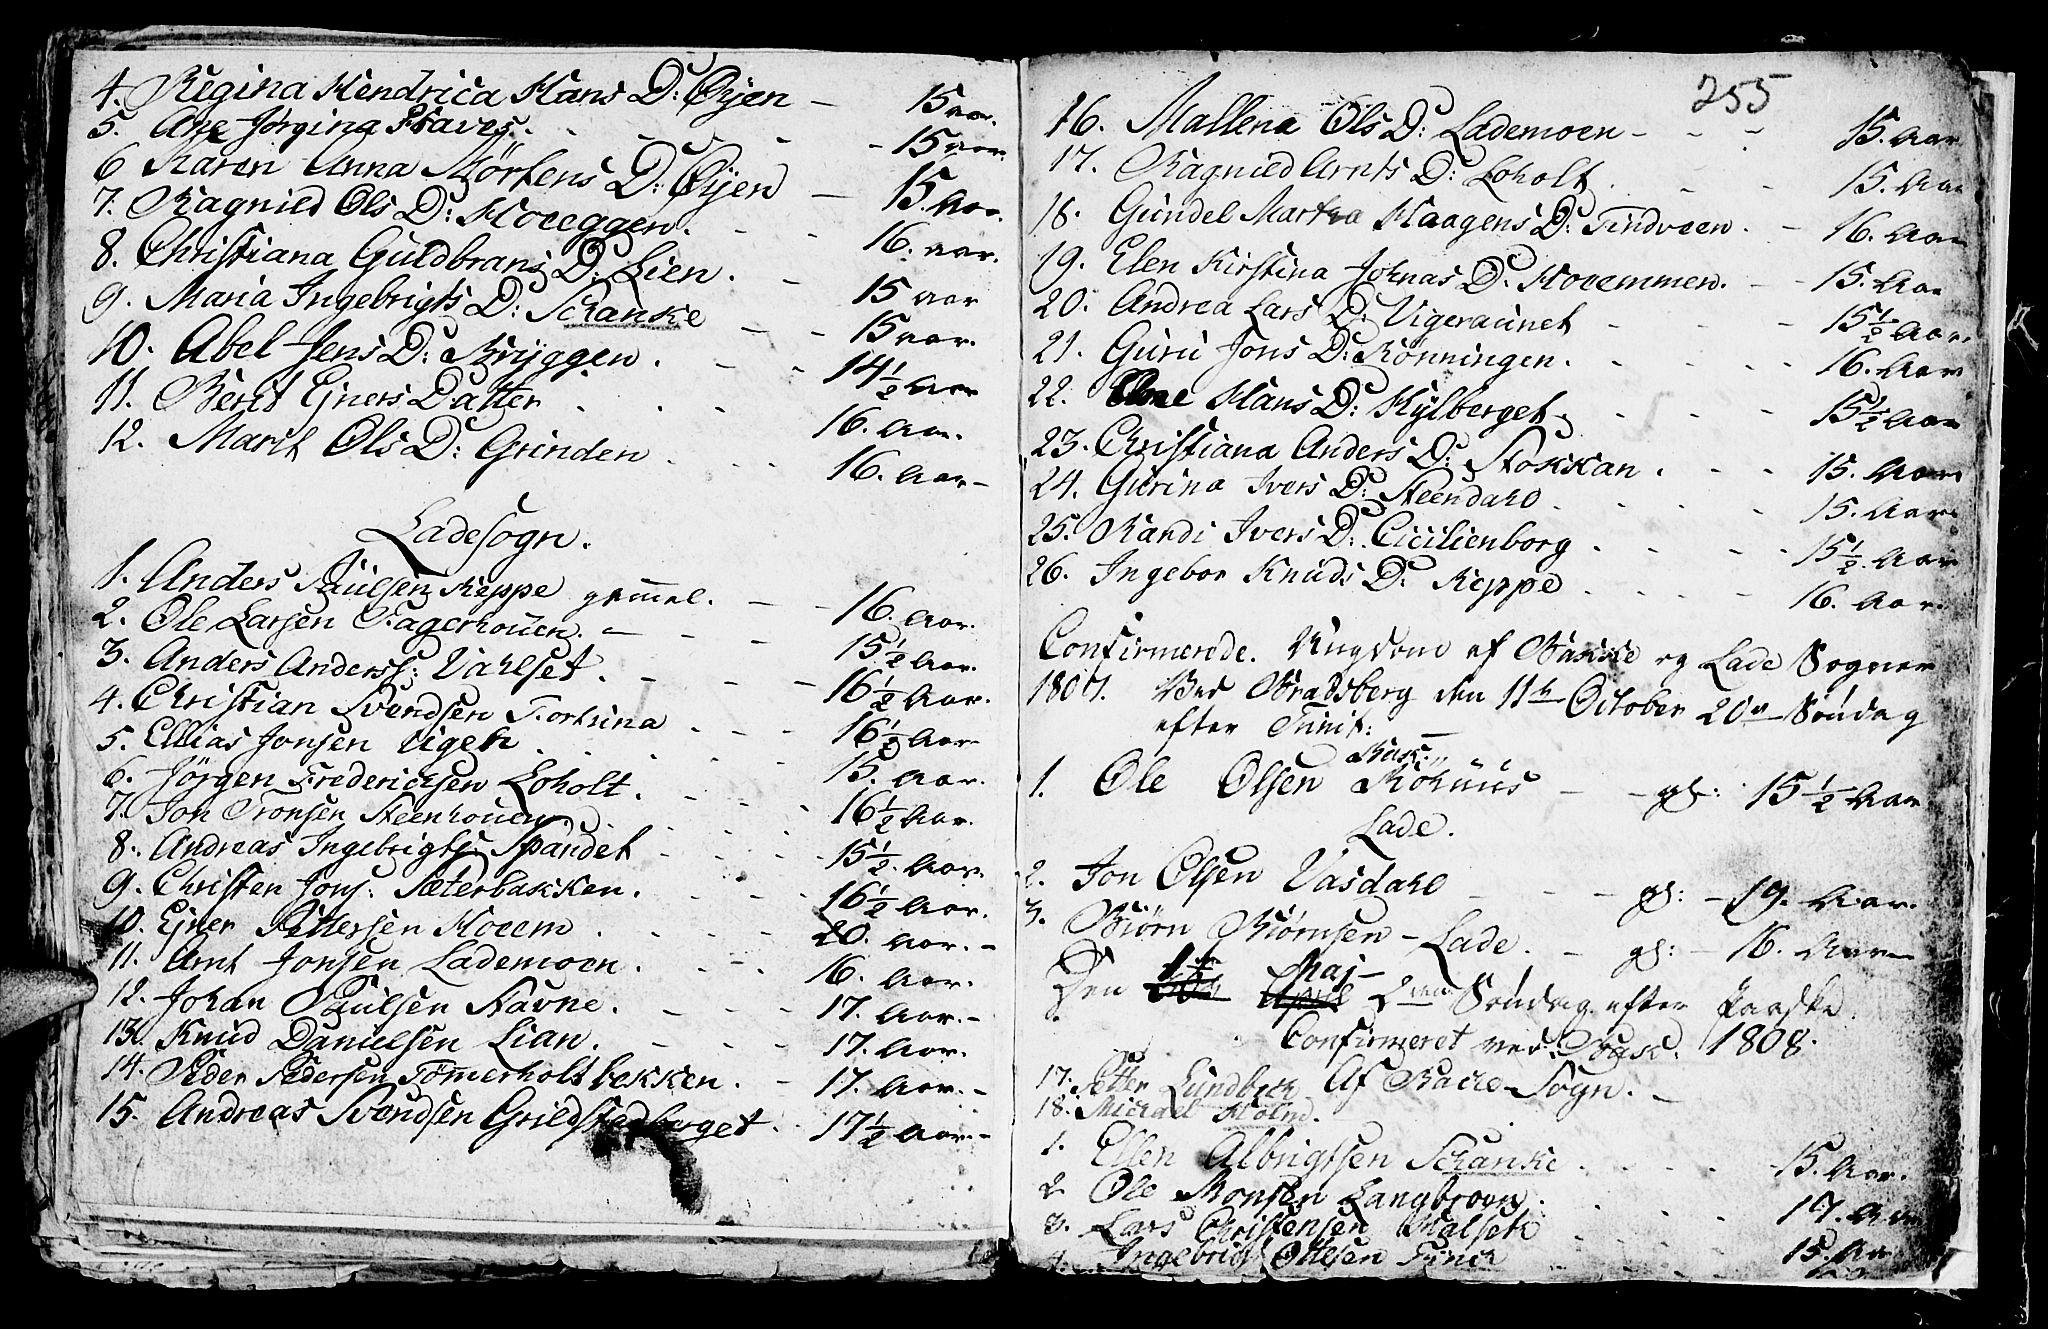 SAT, Ministerialprotokoller, klokkerbøker og fødselsregistre - Sør-Trøndelag, 604/L0218: Klokkerbok nr. 604C01, 1754-1819, s. 255